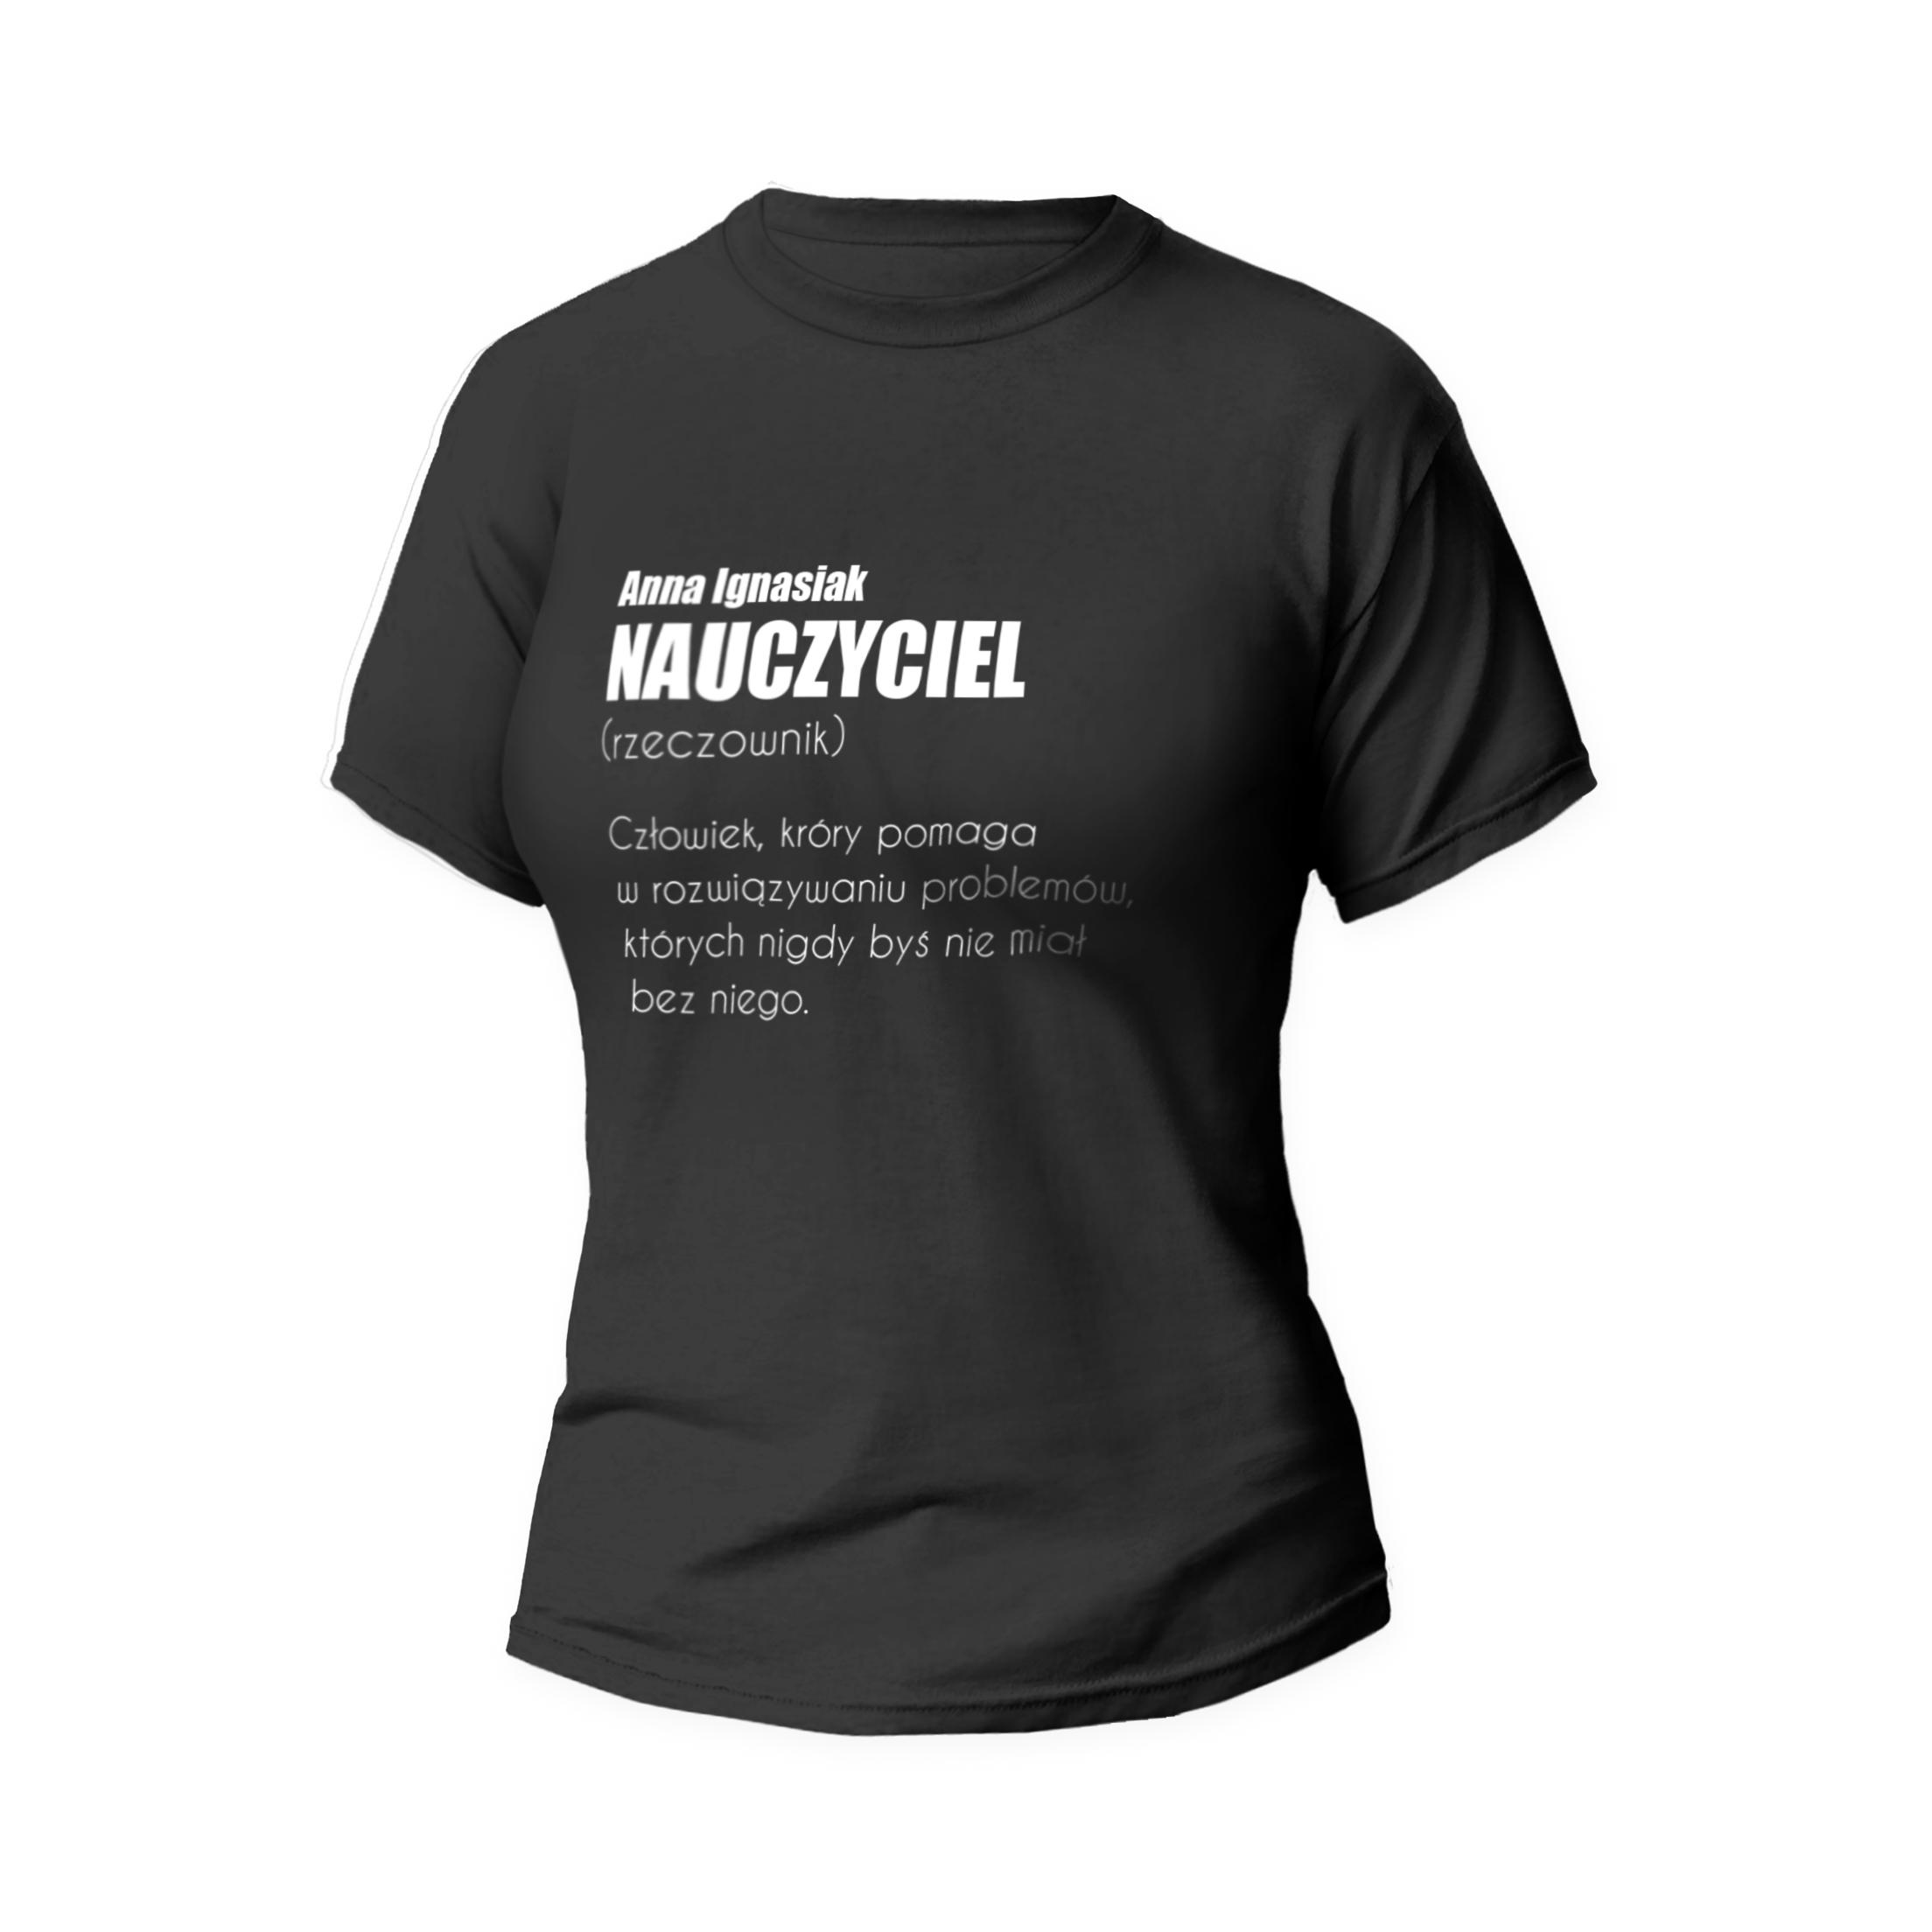 Rozmiar XXL - koszulka damska dla nauczycielki definicja nauczyciela